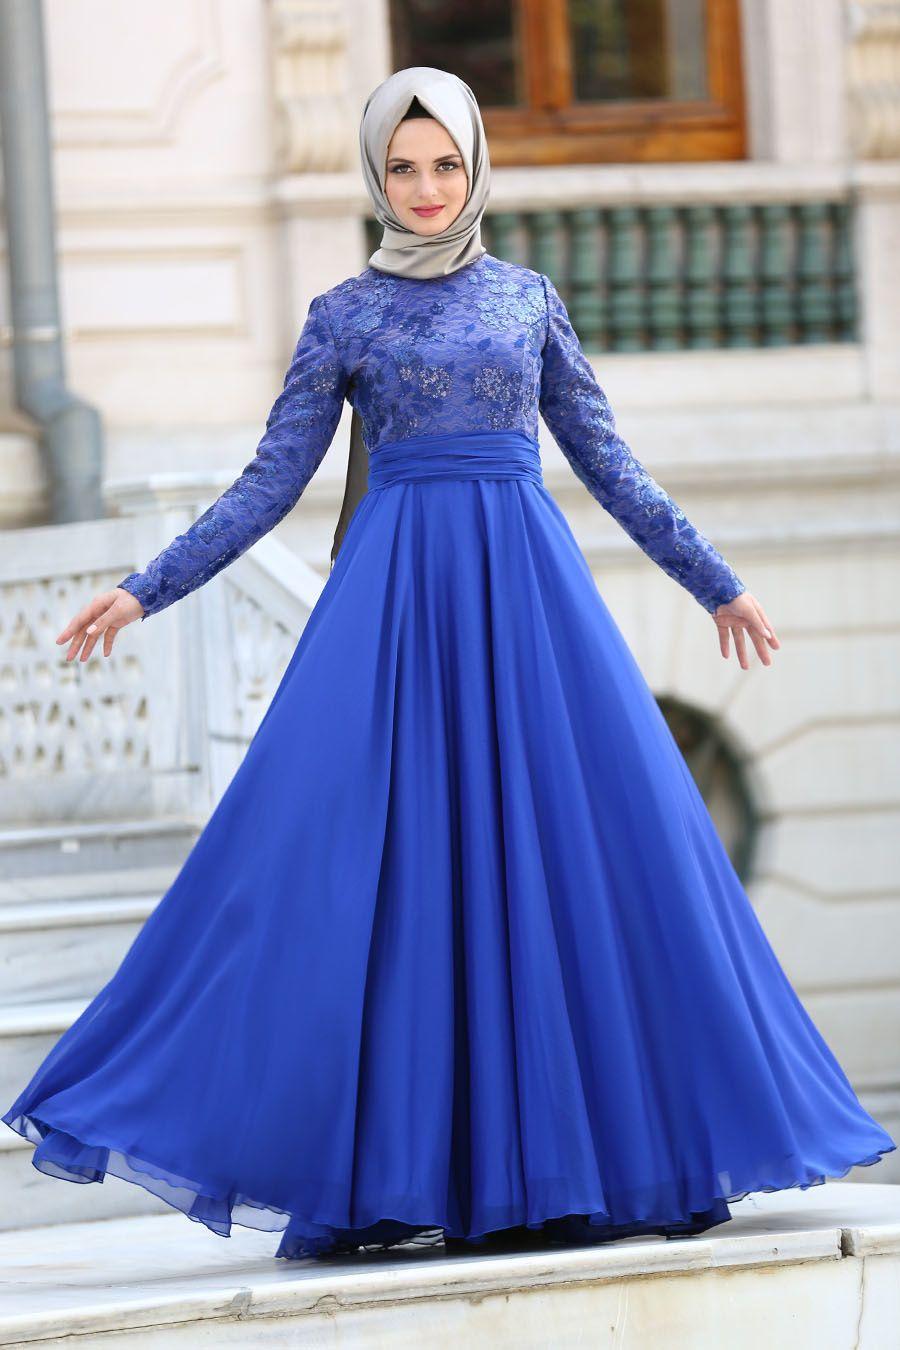 e7056db431953 Tuay - Beli Nervür Detaylı Saks Mavisi Tesettür Abiye Elbise 2389SX  #tesetturisland #tesettur #